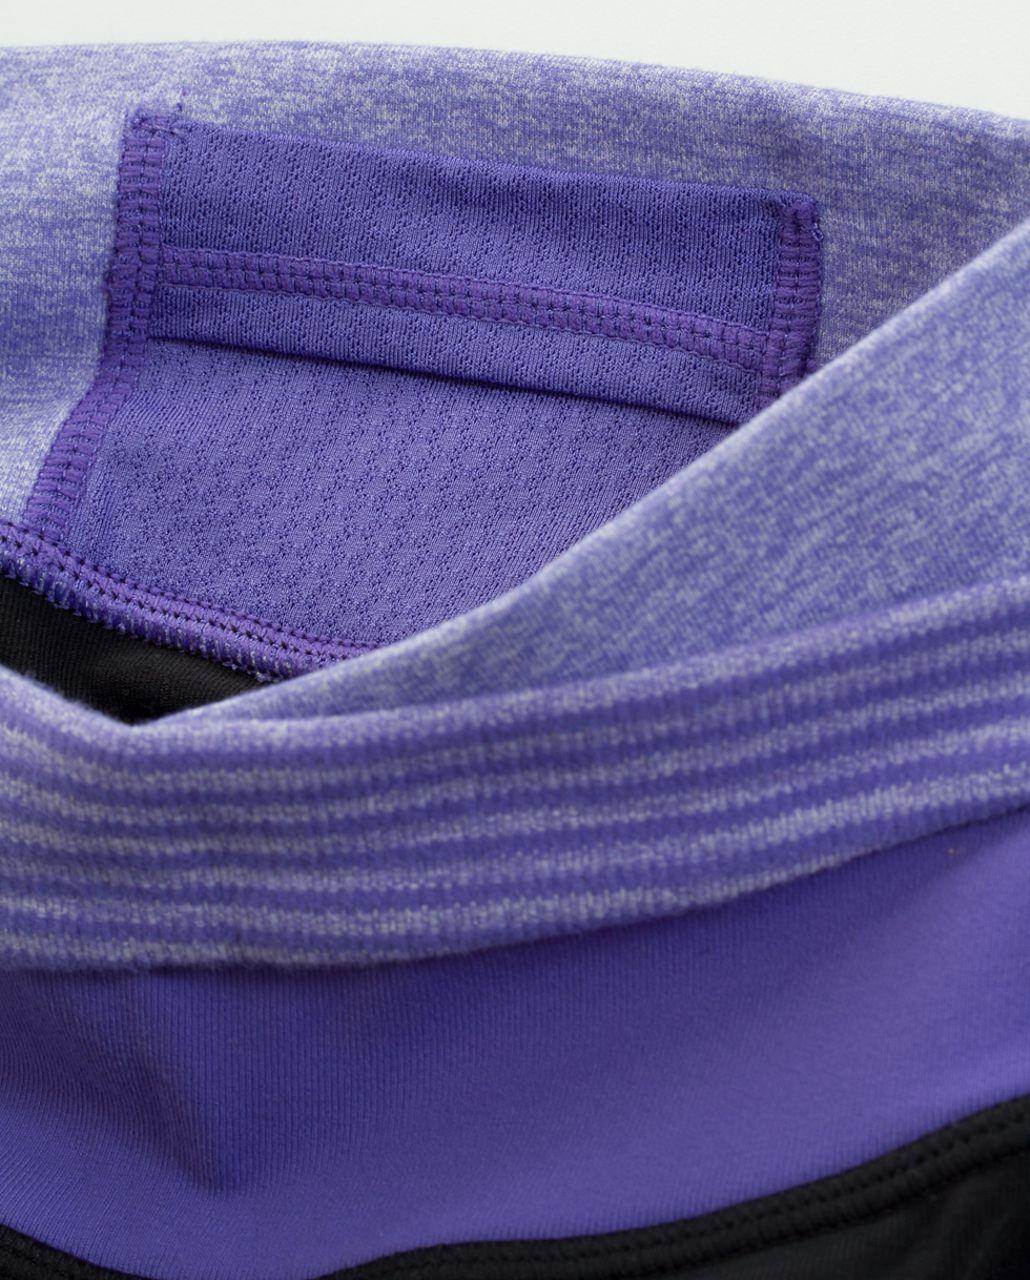 Lululemon Astro Pant (Tall) - Black /  Heathered Persian Purple /  Persian Purple Heathered Persian Mini Check